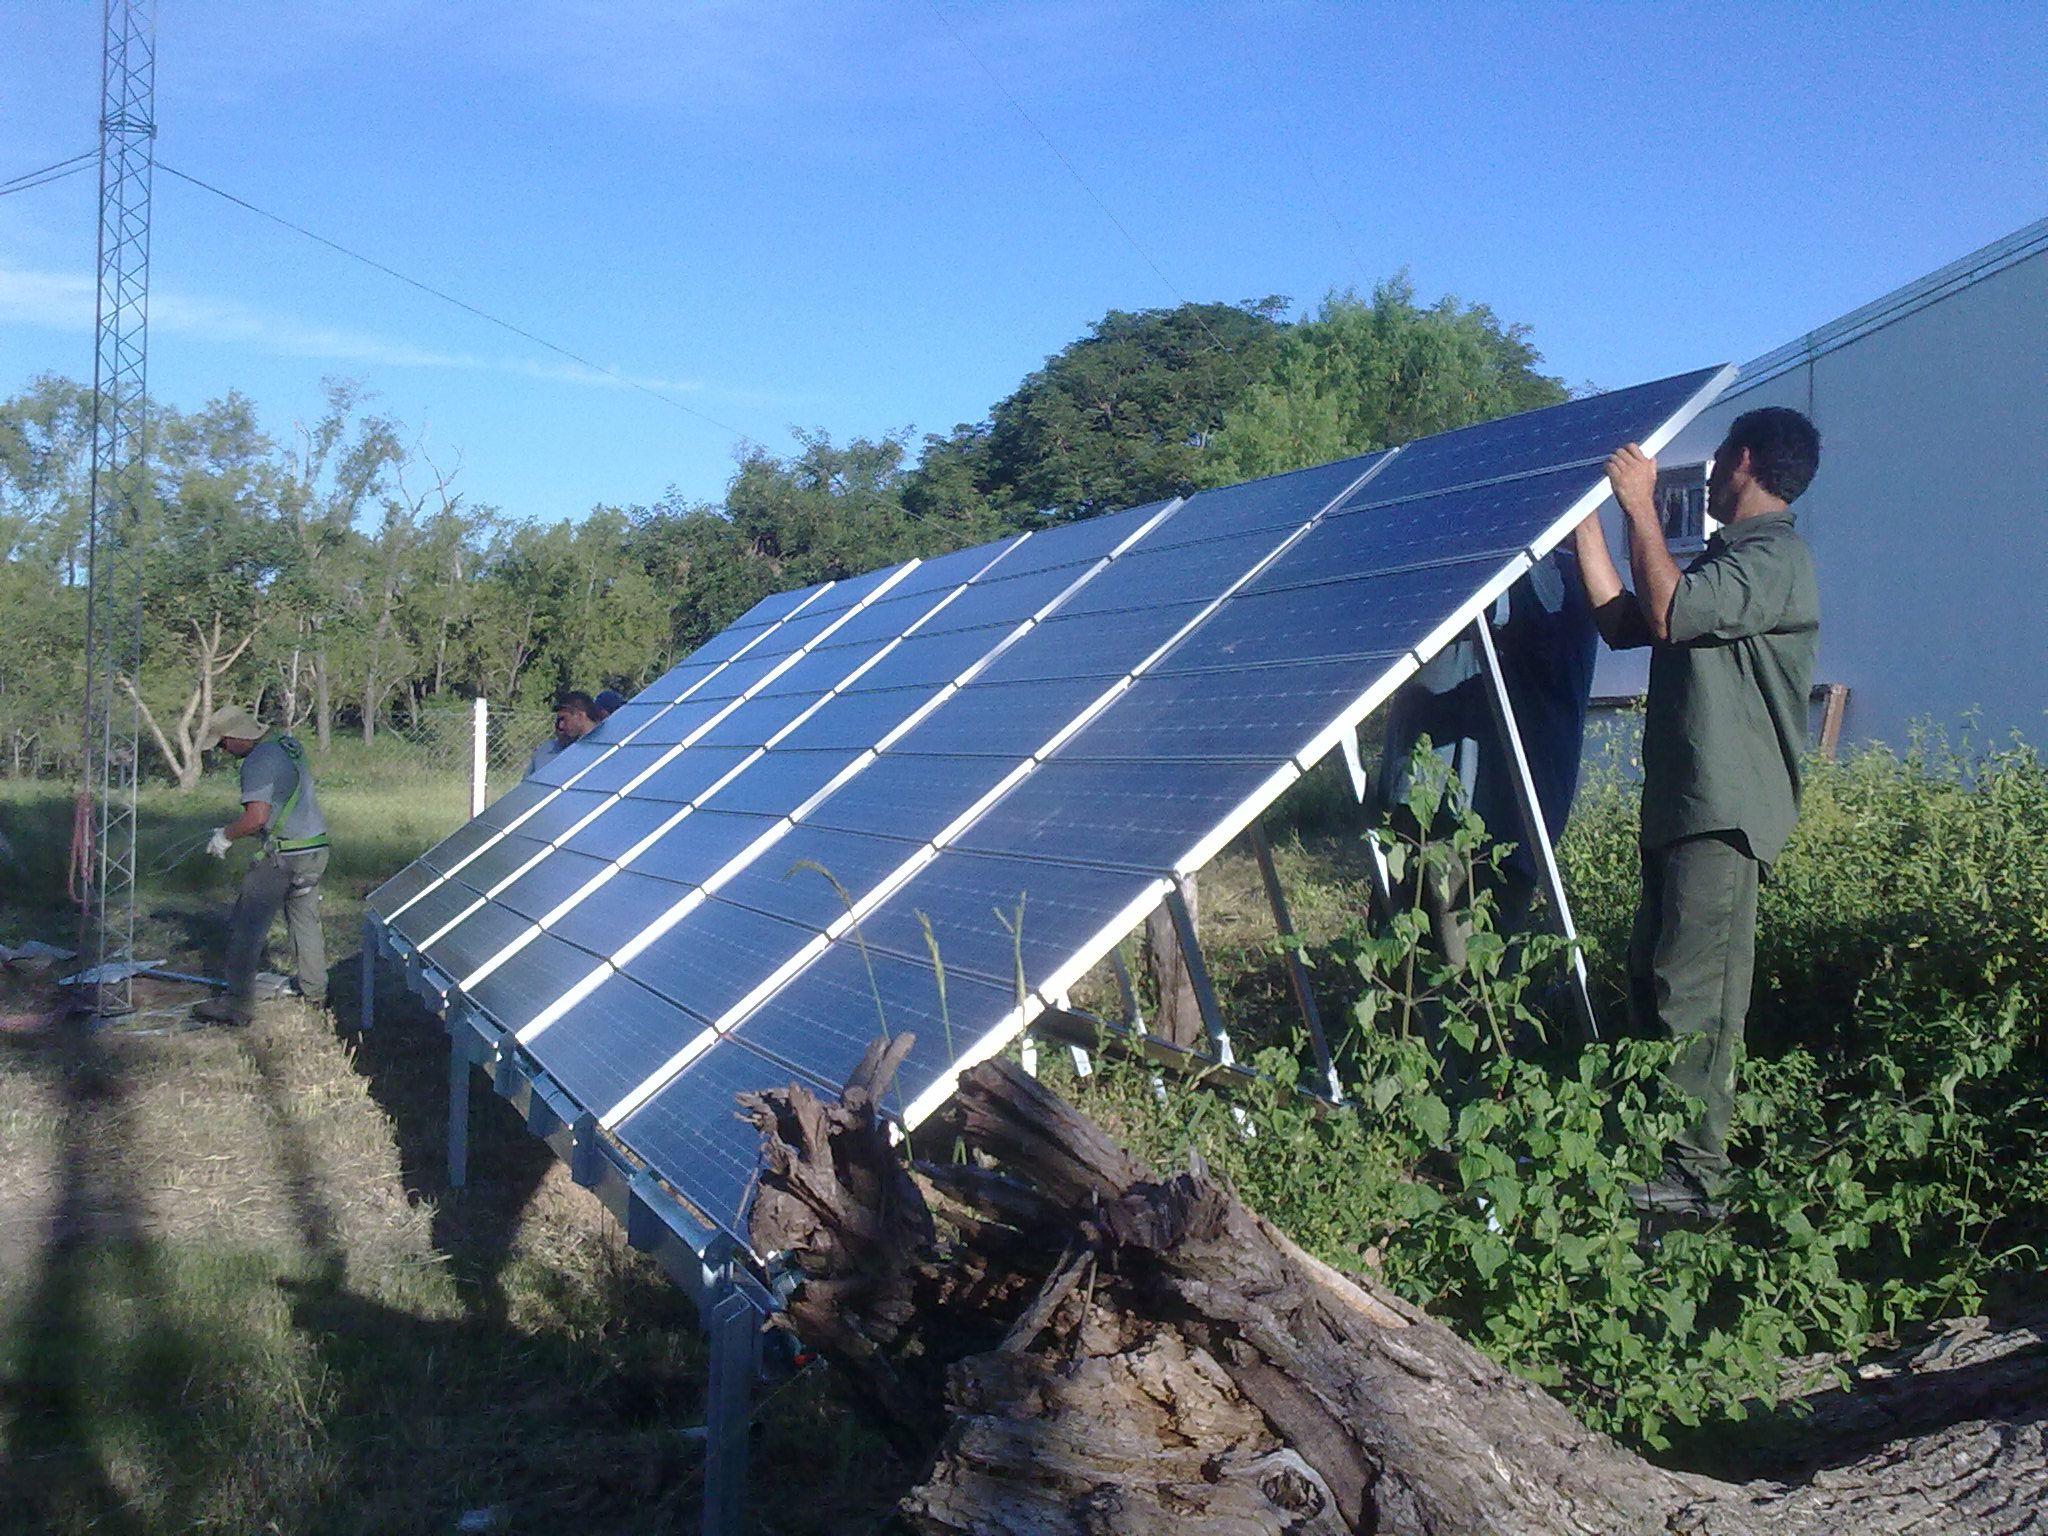 El parque fotovoltaico permitirá abastecer